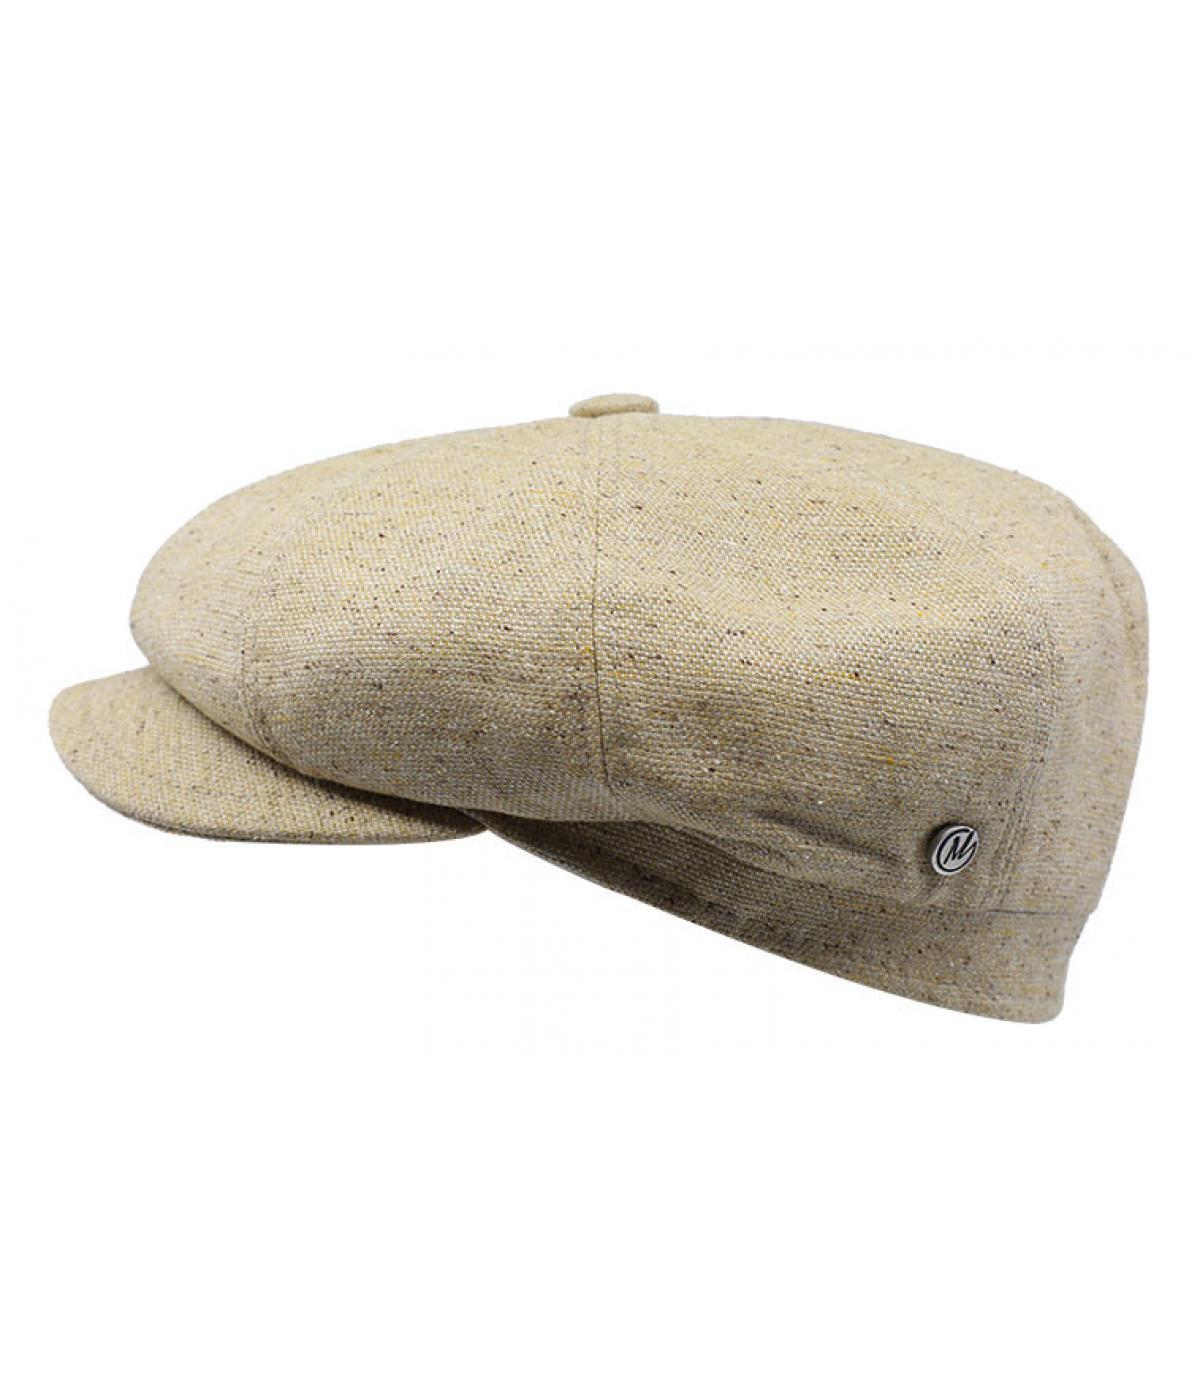 beige linen newsboy cap